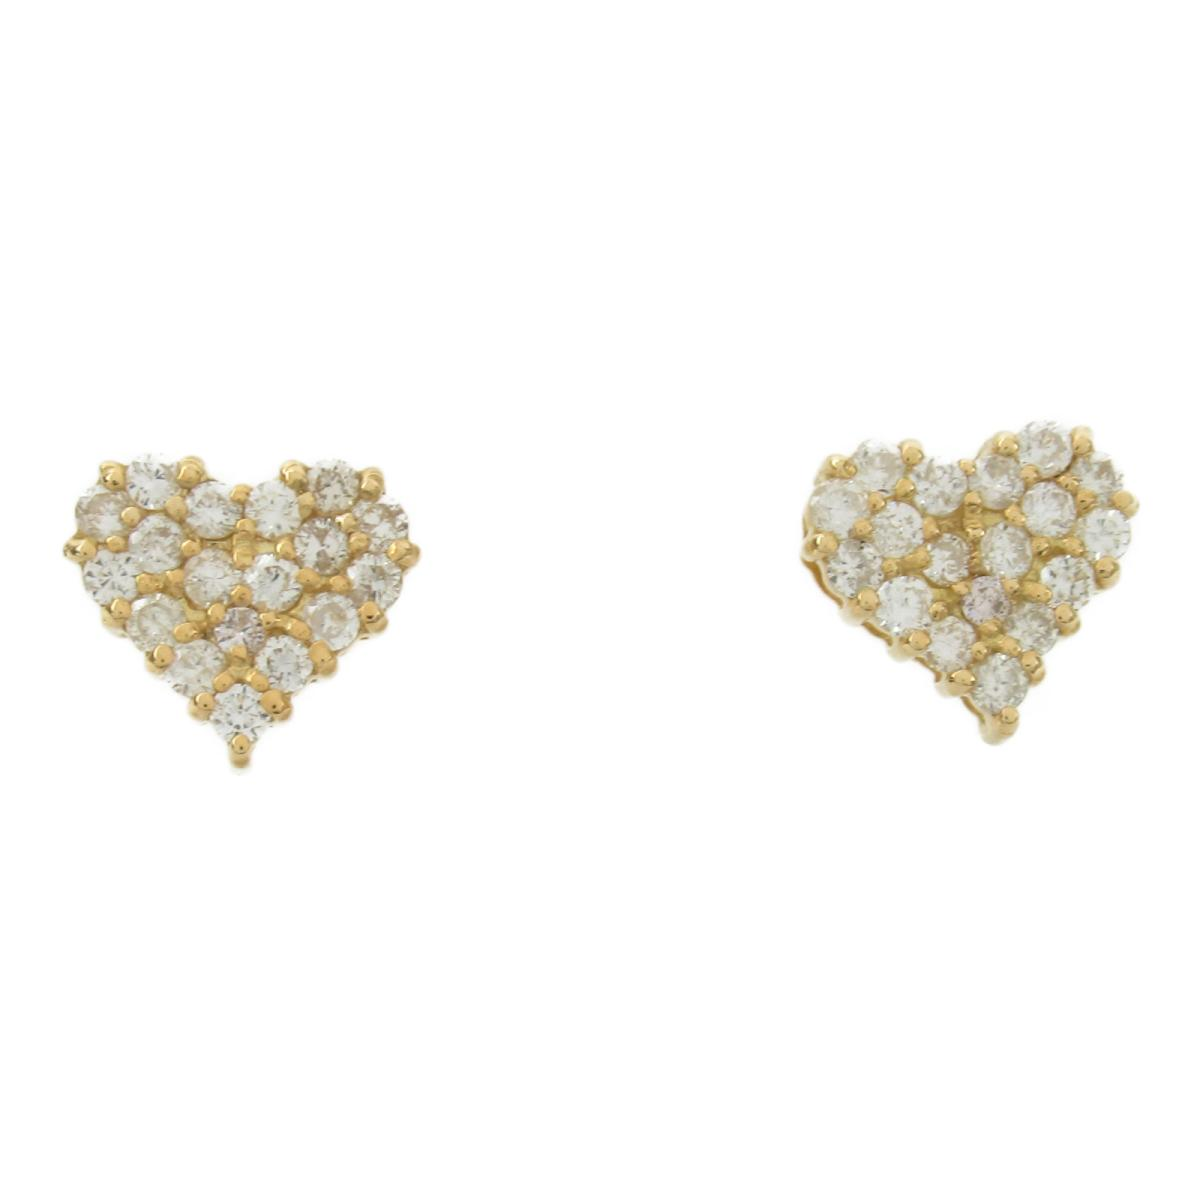 ジュエリー ハート ダイヤモンド ピアス ノーブランドジュエリー レディース K18YG (750) イエローゴールド x ダイヤモンド0.30ct*2 【中古】   JEWELRY BRANDOFF ブランドオフ アクセサリー